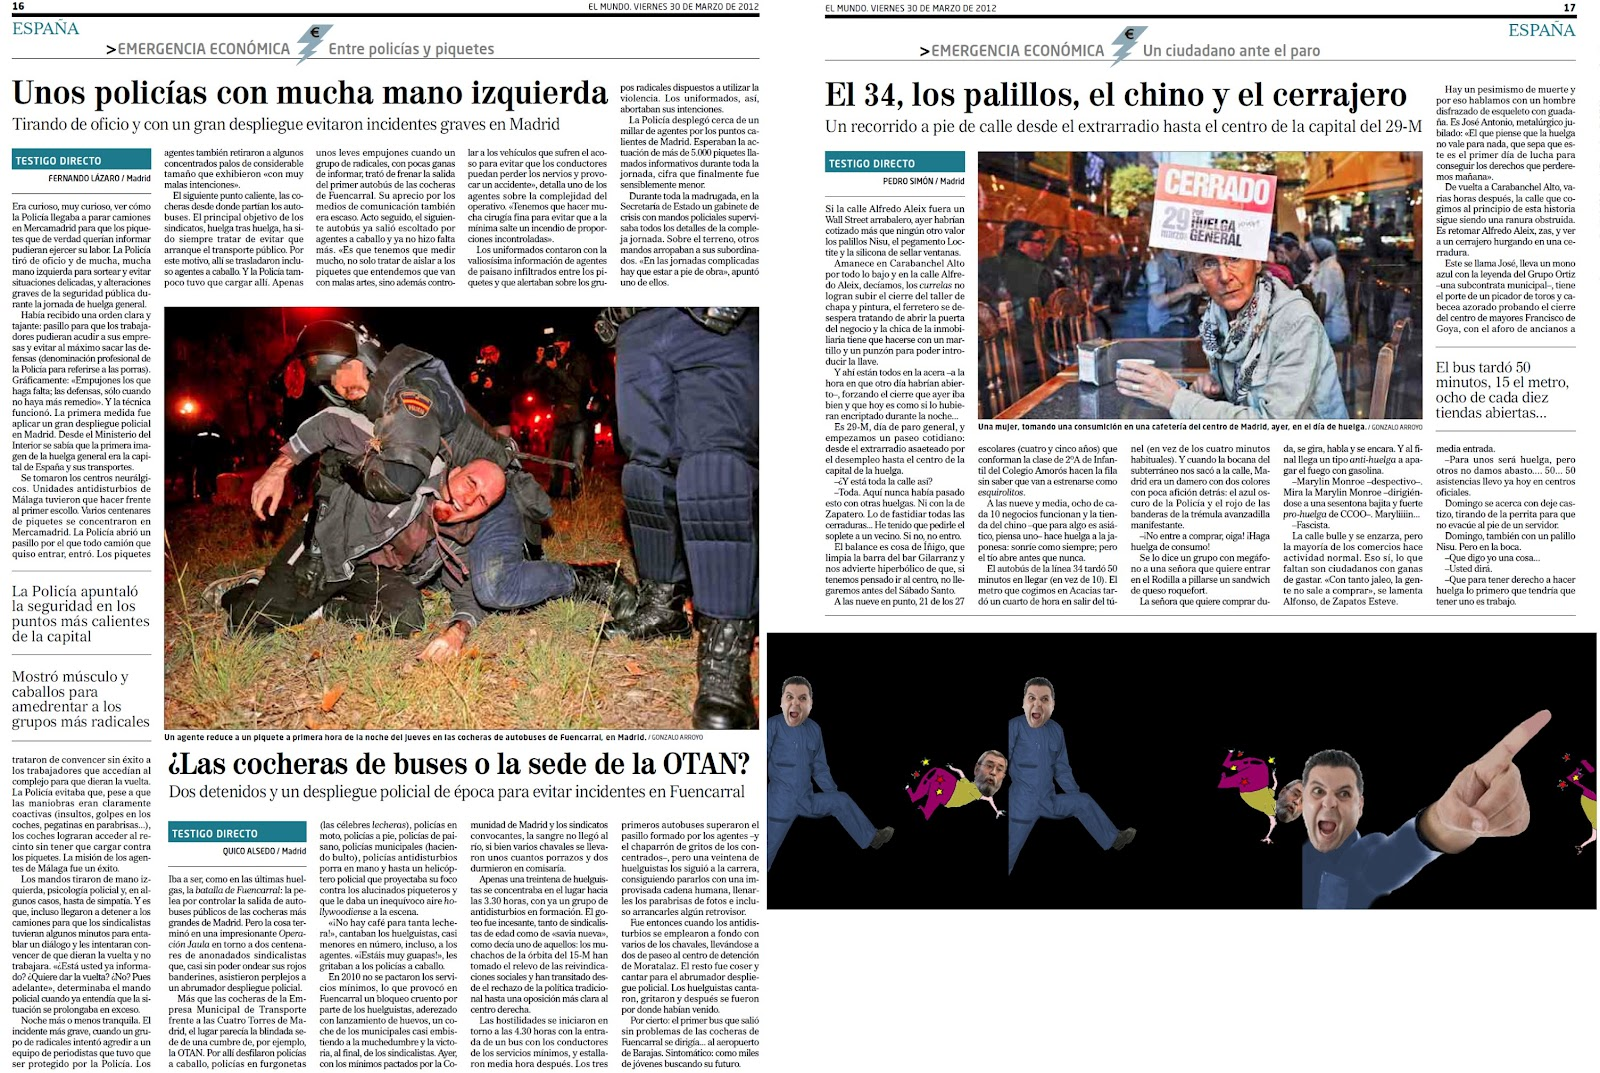 Rubalcaba lanza a sus sindicatos Toxo y Mocho a la Huelga General auxiliados de los piquetes de la porra